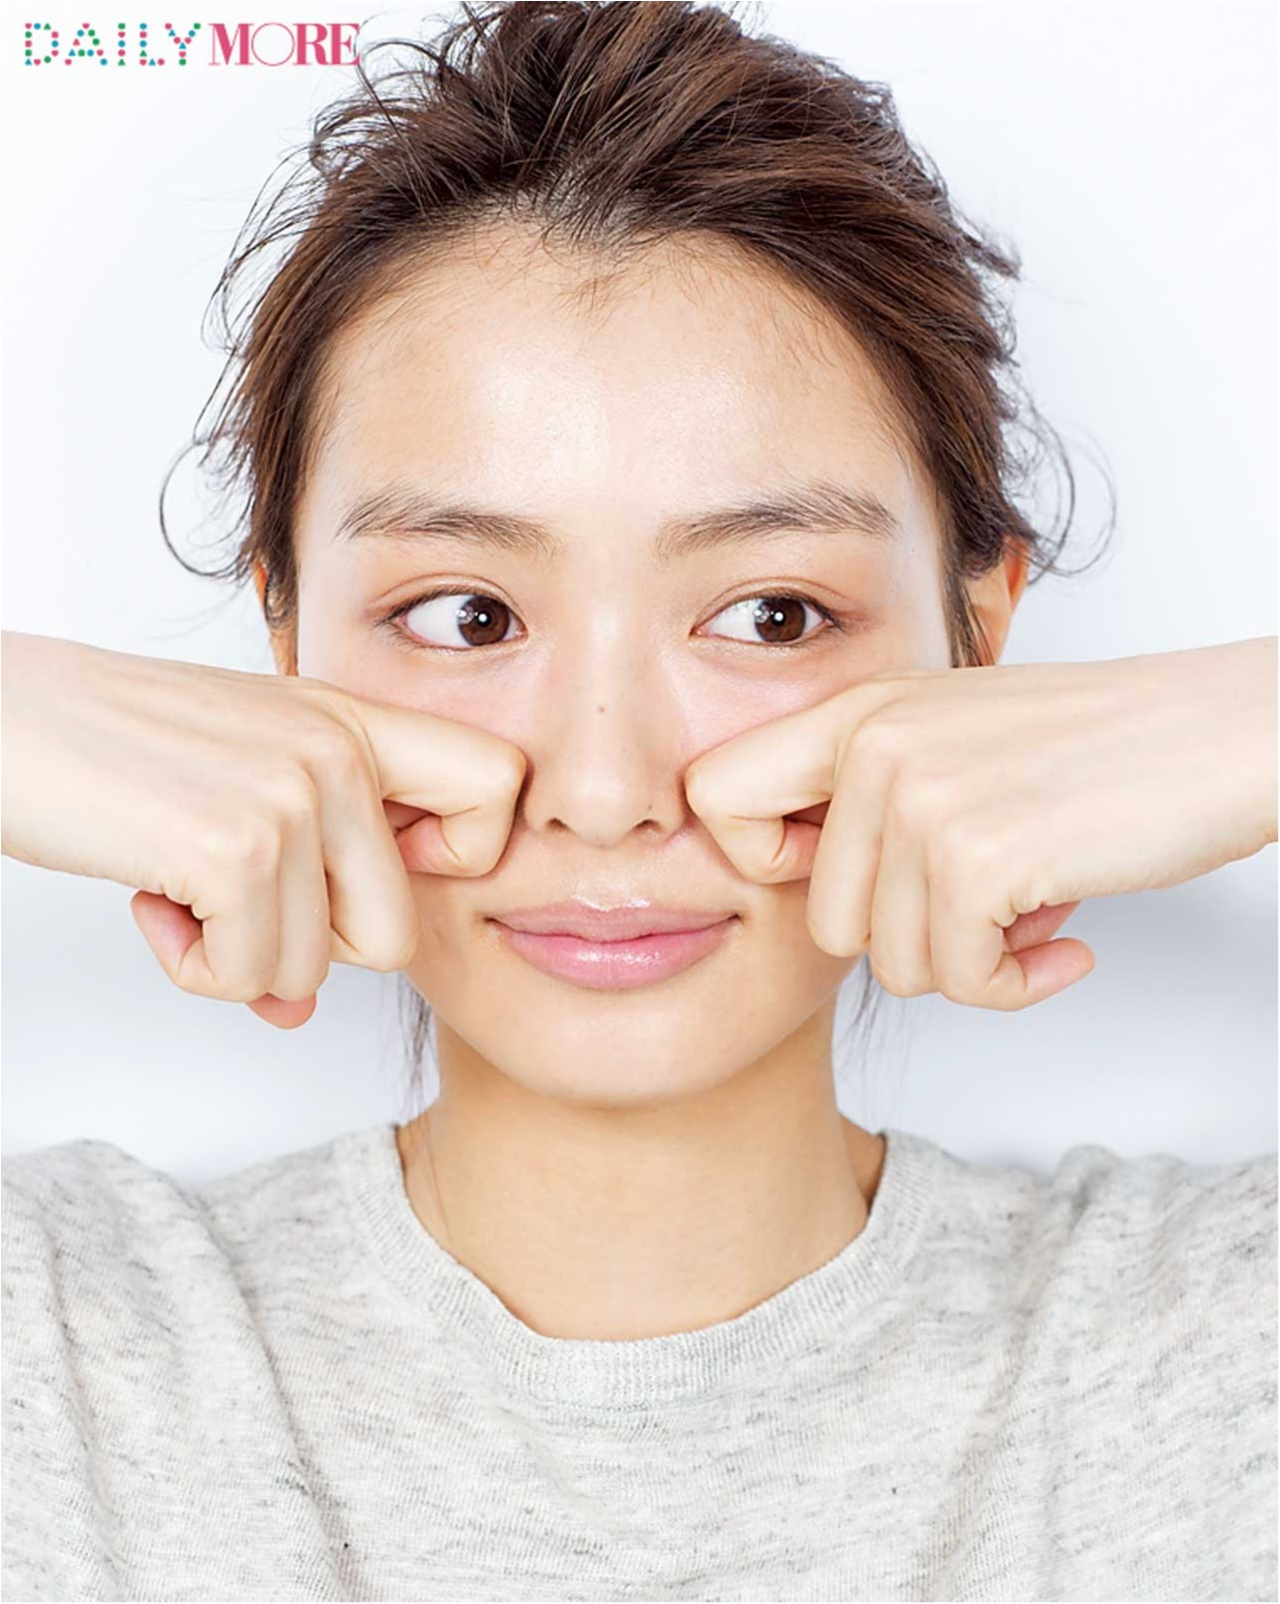 エラ張りの悩みを解消して小顔になれるテク - エラの張りがカバーできる前髪や眉メイク、セルフコルギ(マッサージ)など_16